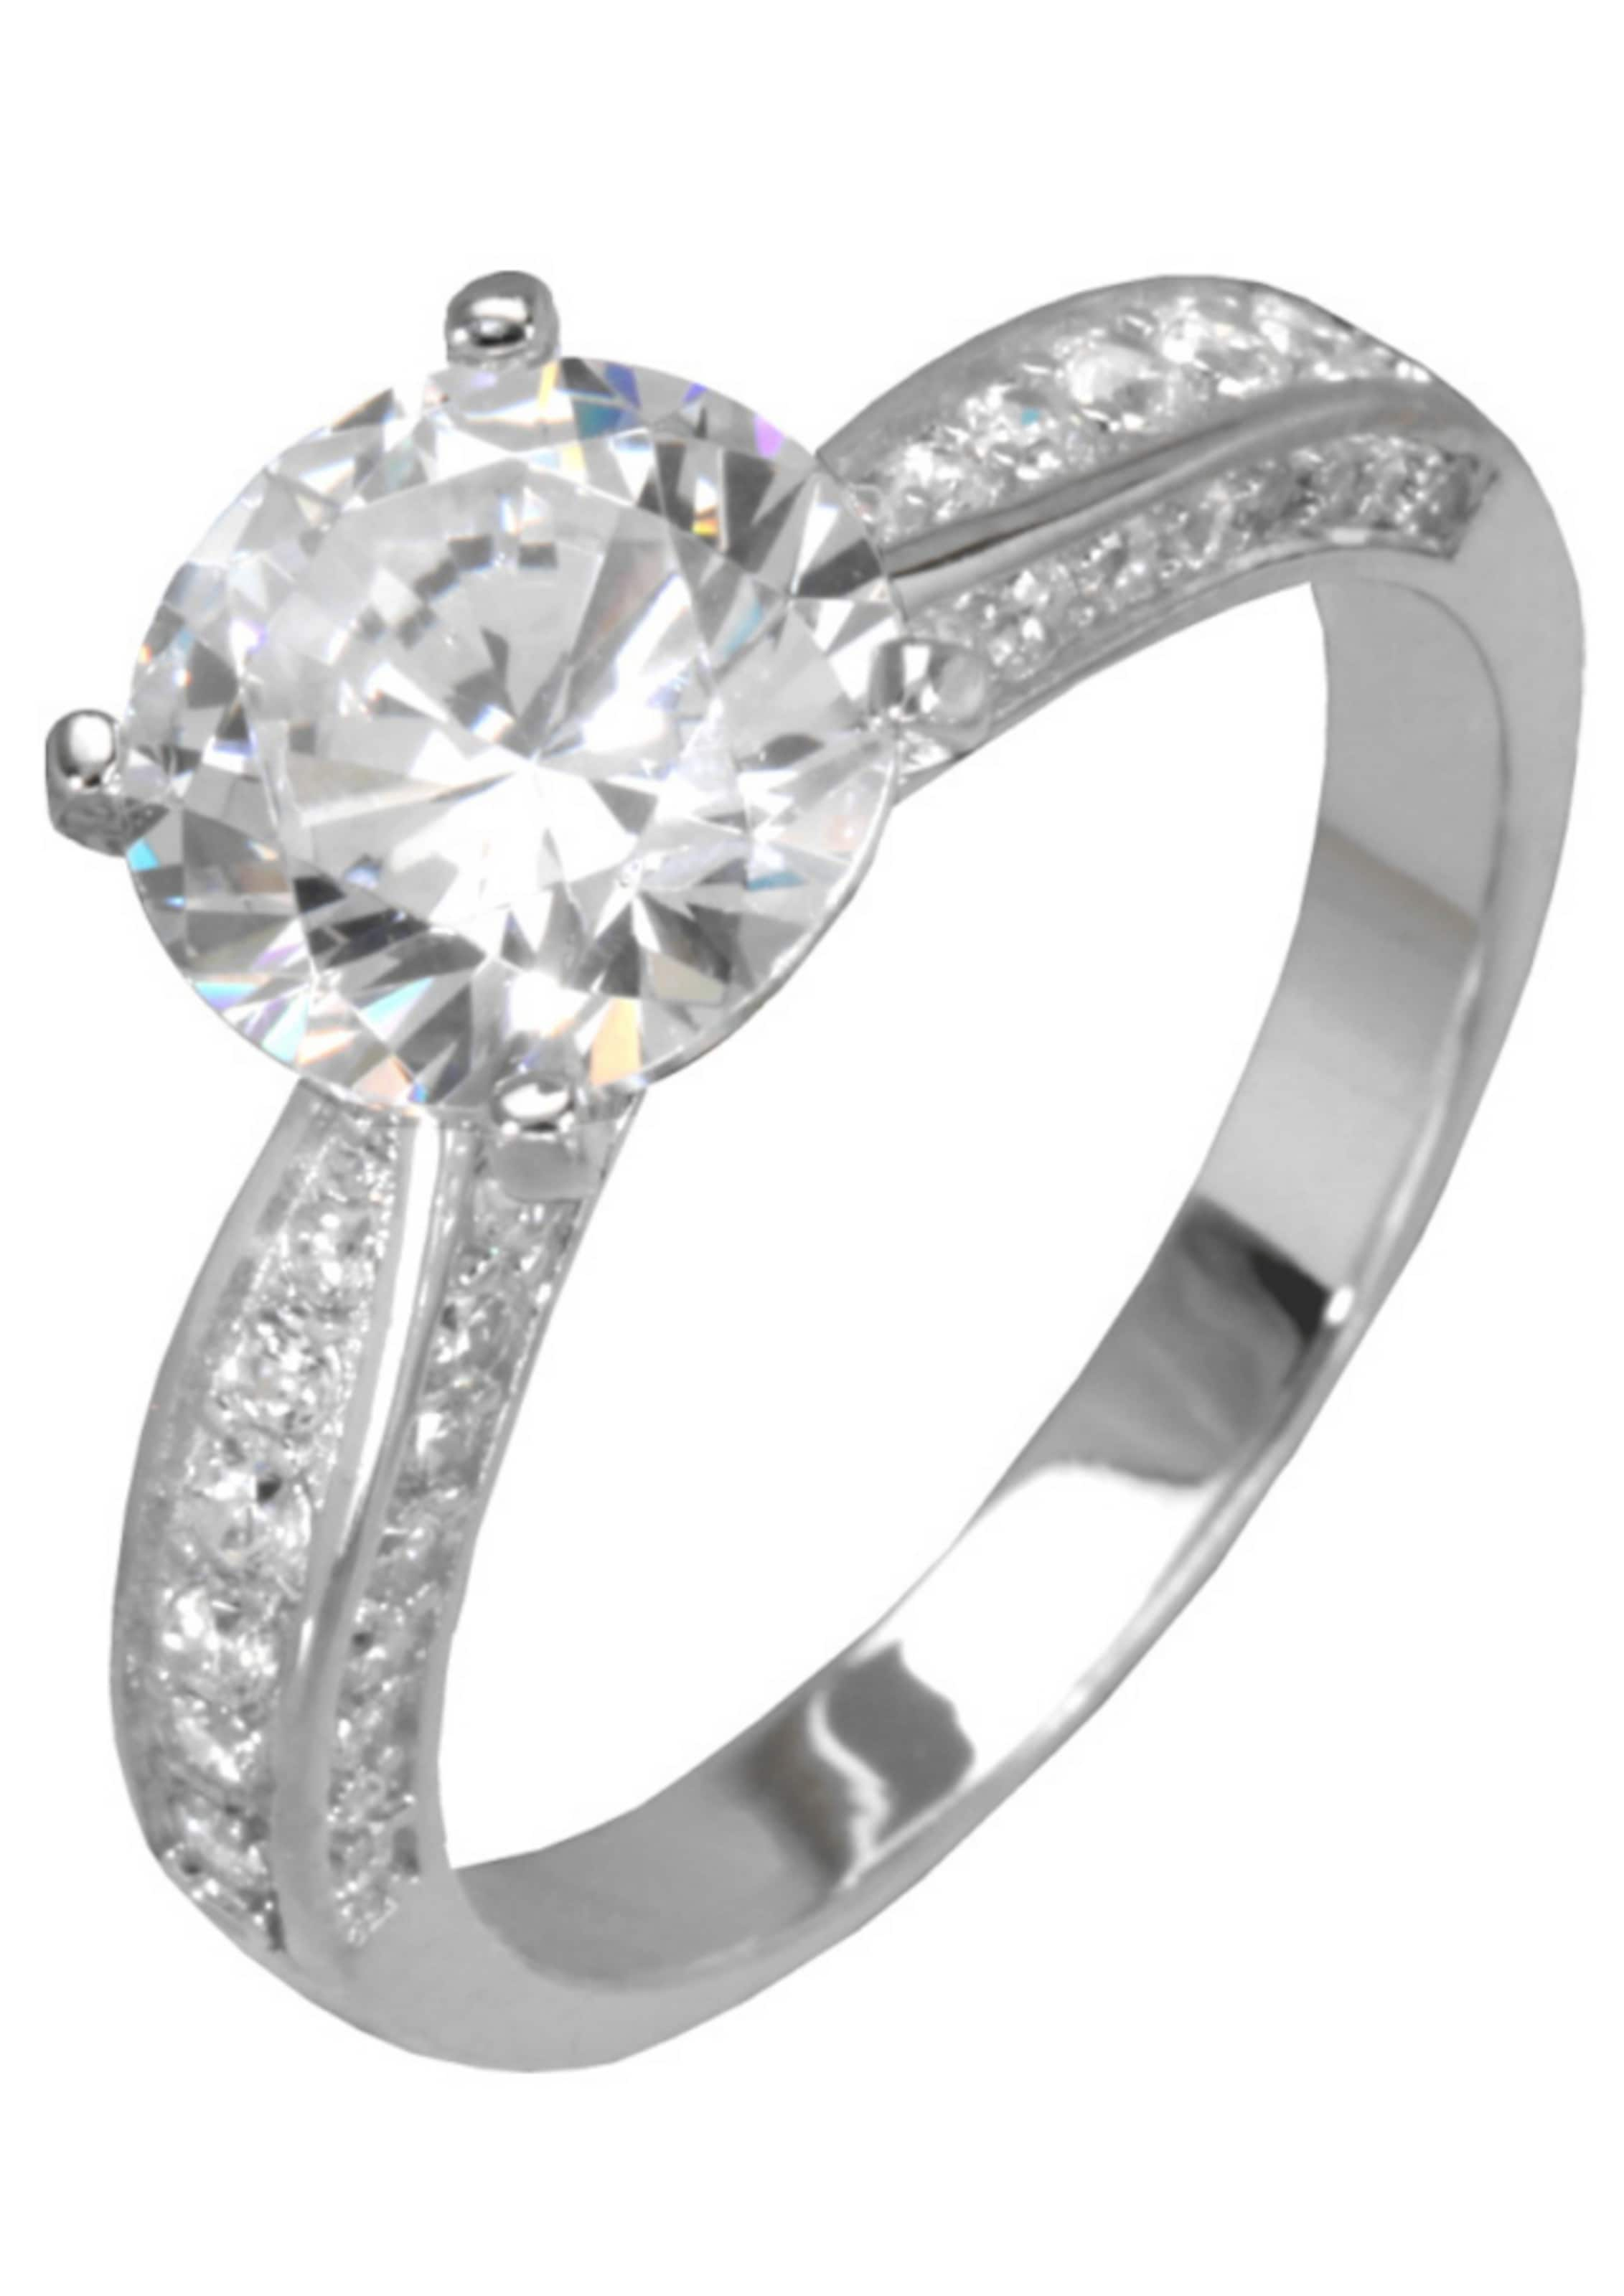 Firetti Firetti Silber Ring Ring In Firetti Silber In Firetti Ring In Ring Silber 80wmNn